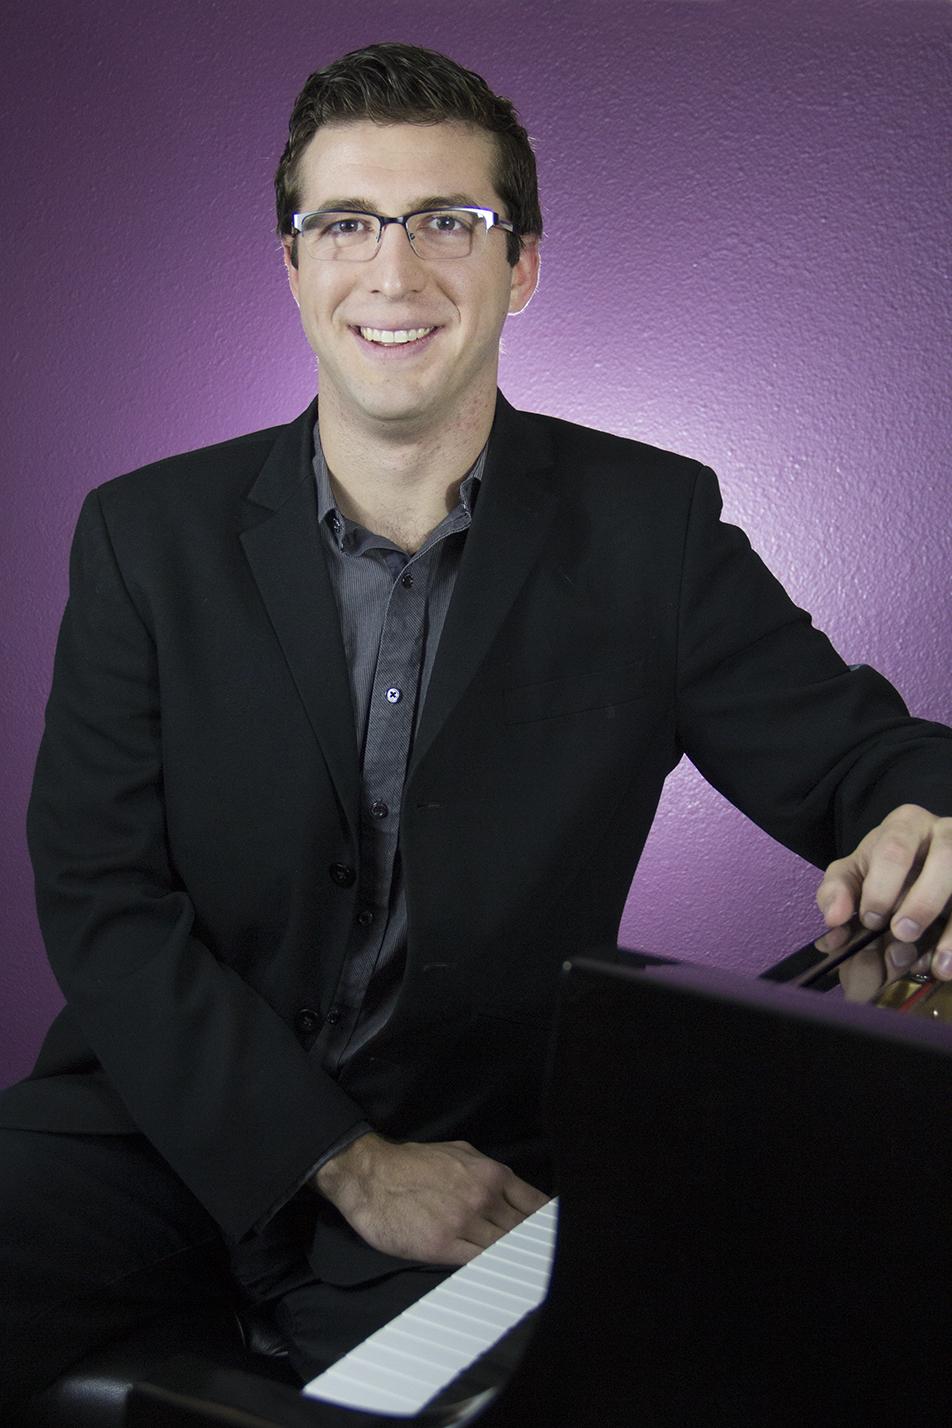 Jon Nelson